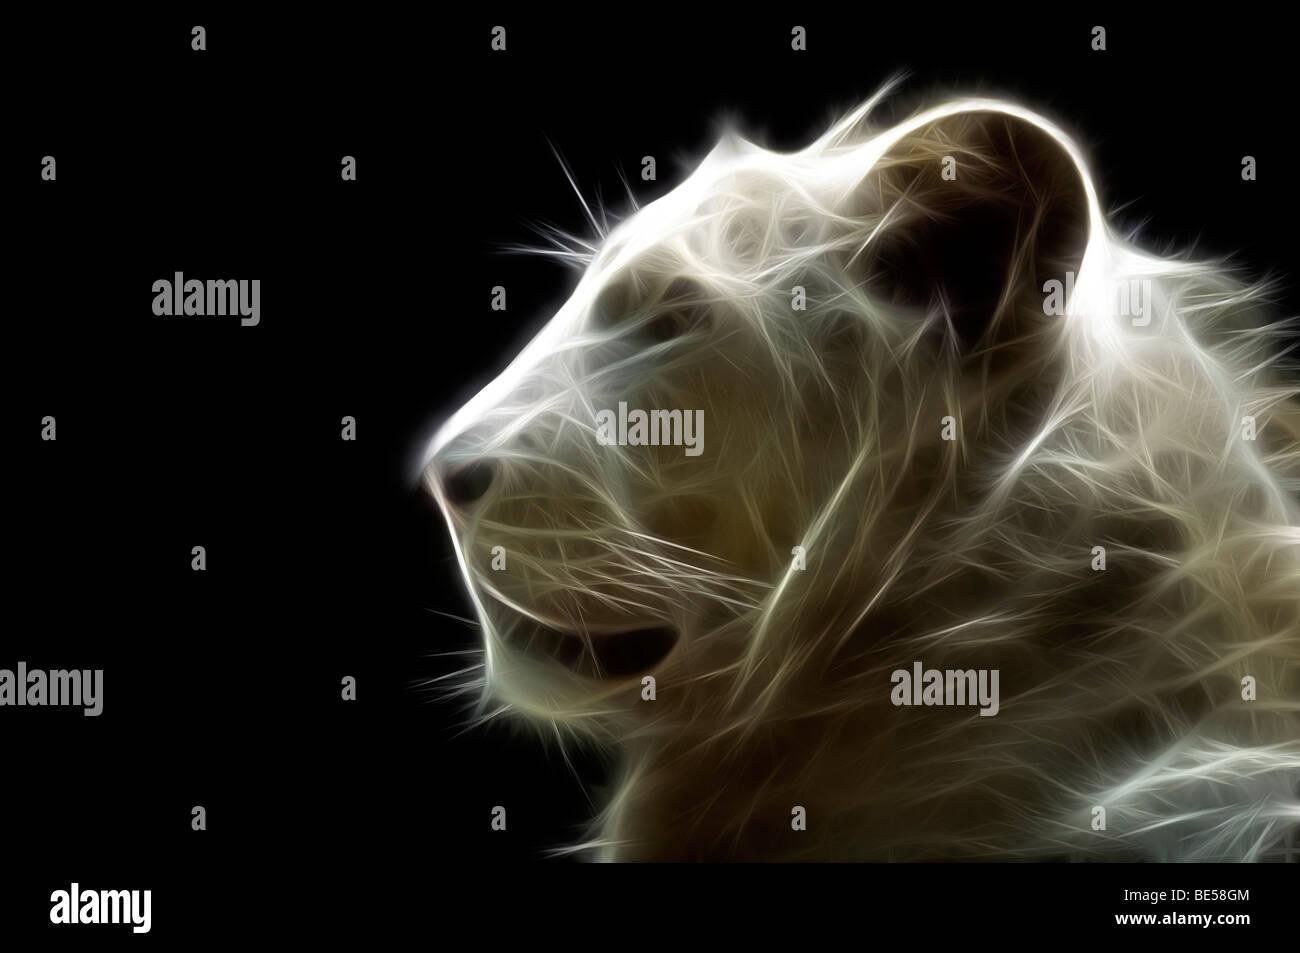 Ein Digital illustrierte Kopf ein weißer Löwe (Panthera Leo). Portrait d ' un Lion Blanc (Dessin Assisté Par Ordinateur). Stockfoto